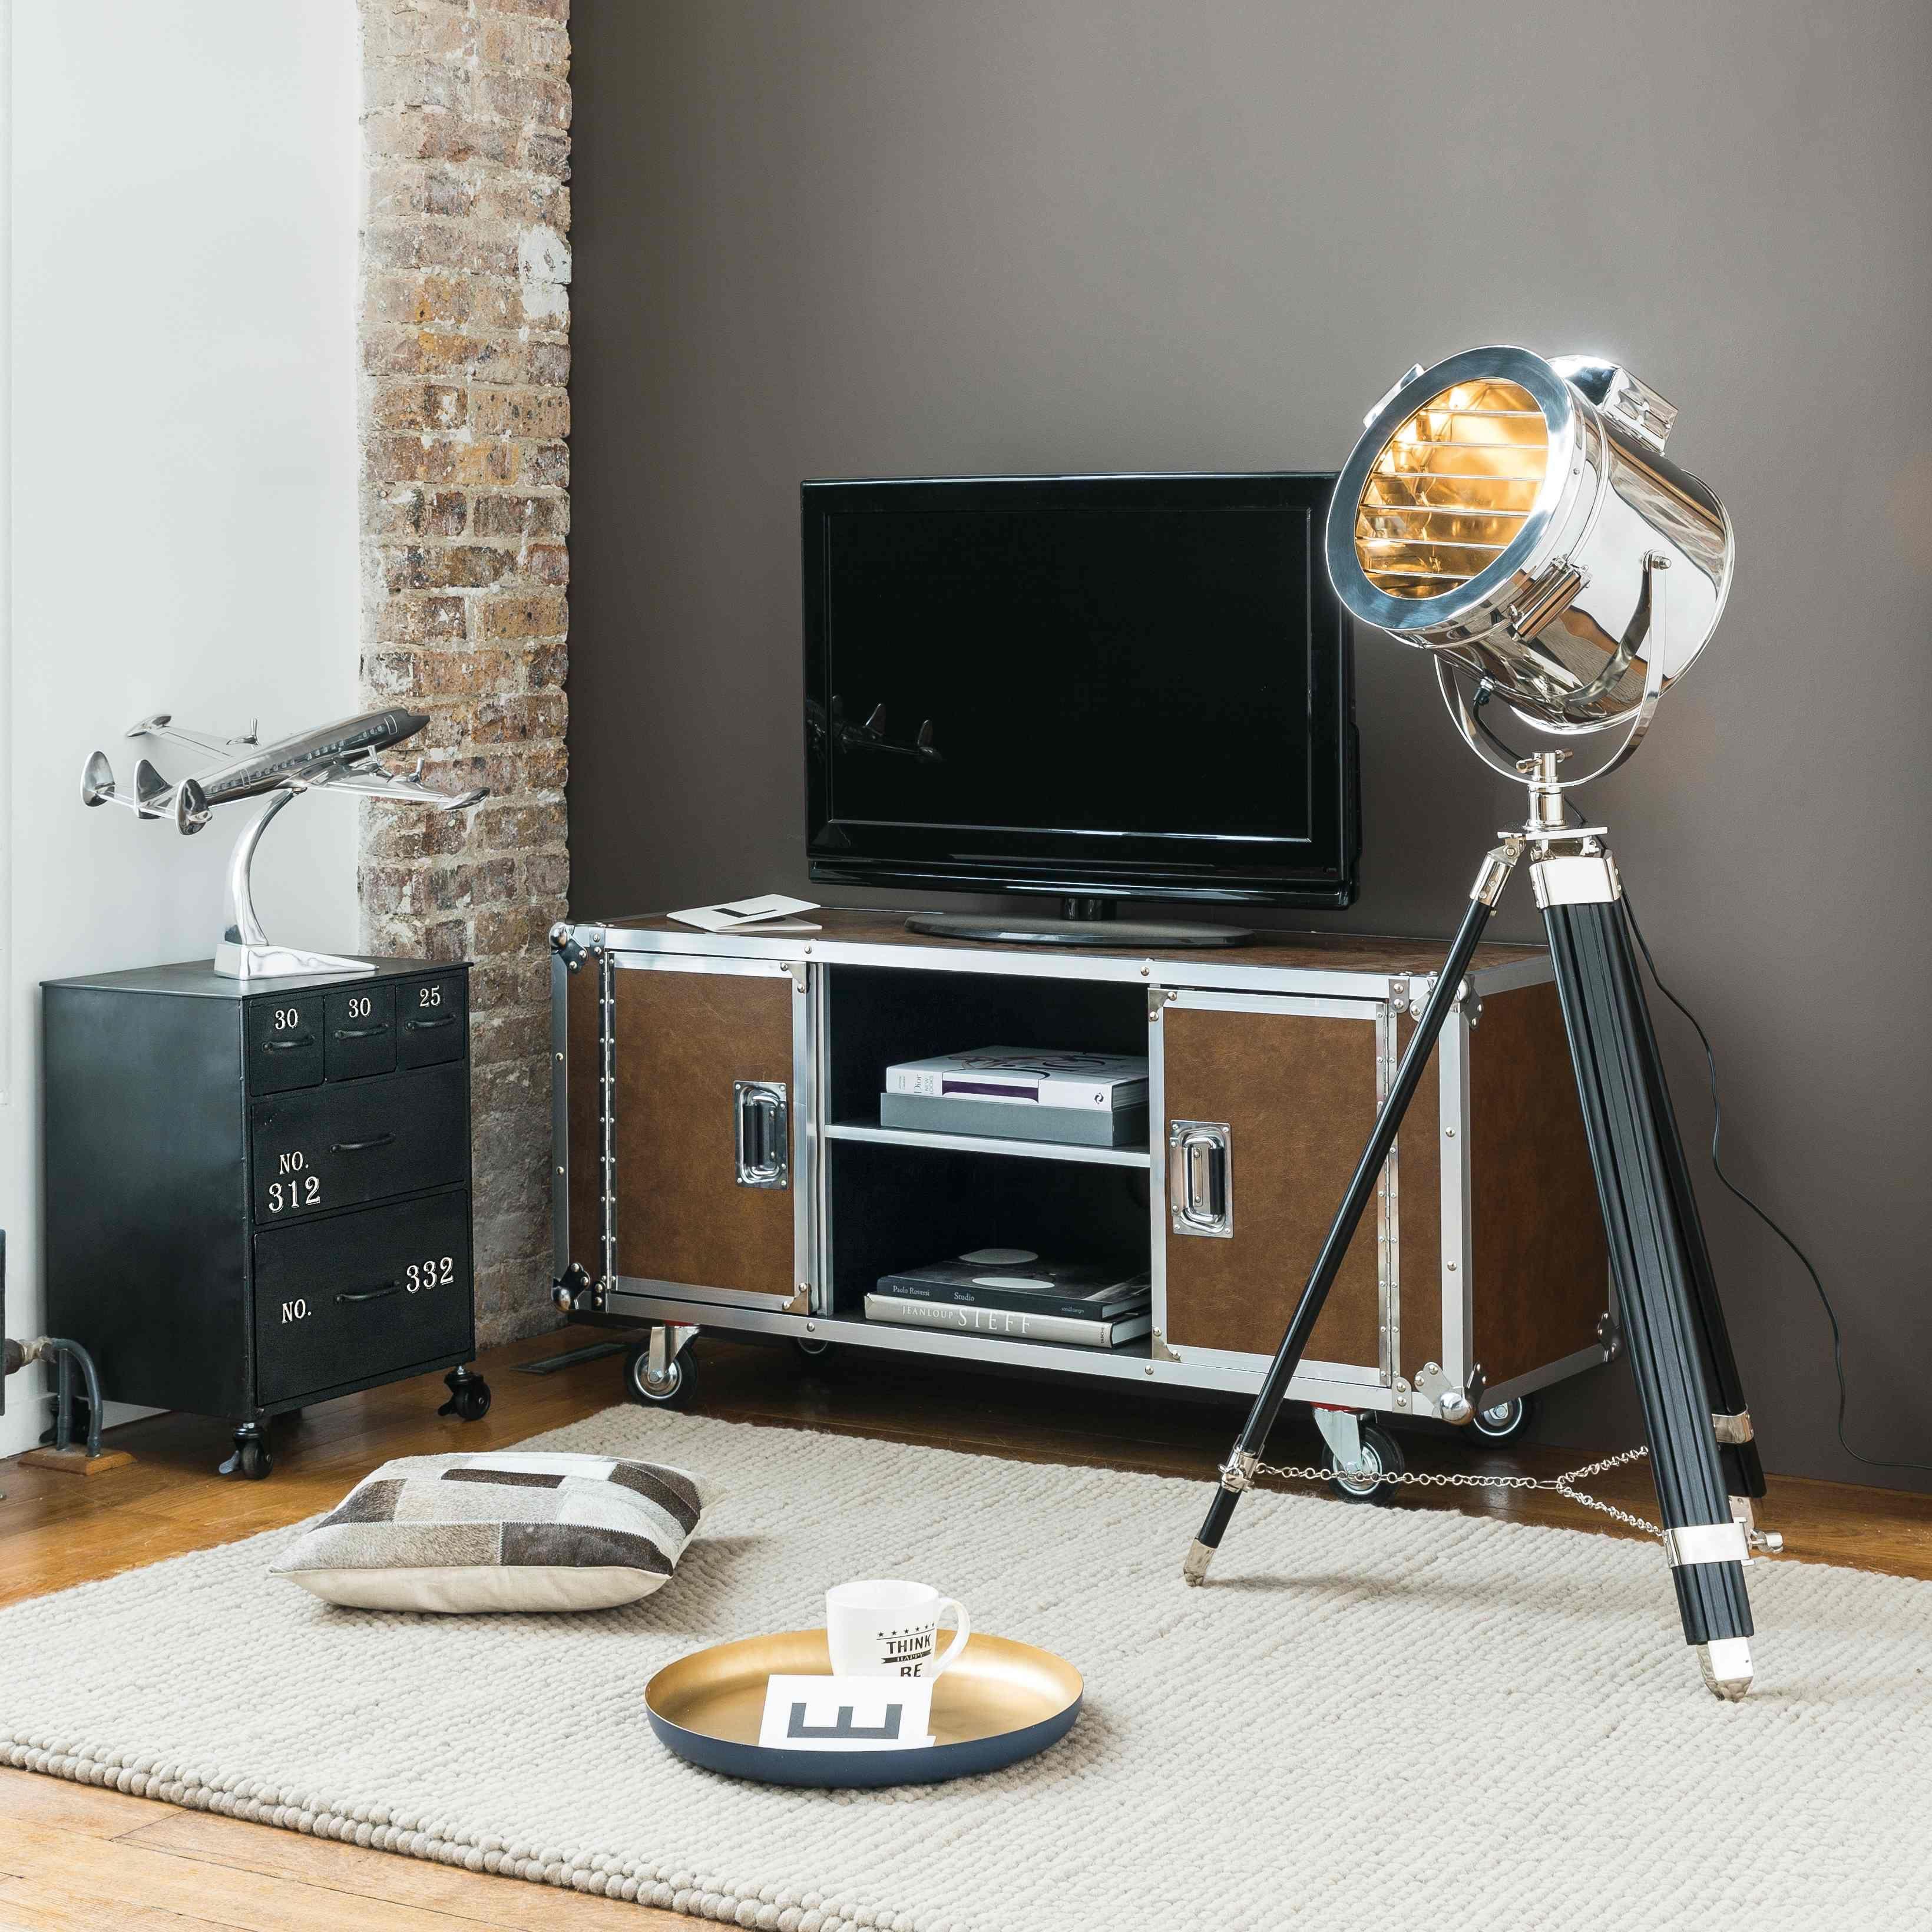 Meuble Tv Roulettes En Textile Enduit Camel Maisons Du Monde  # Meuble Tv A Roulettes Design